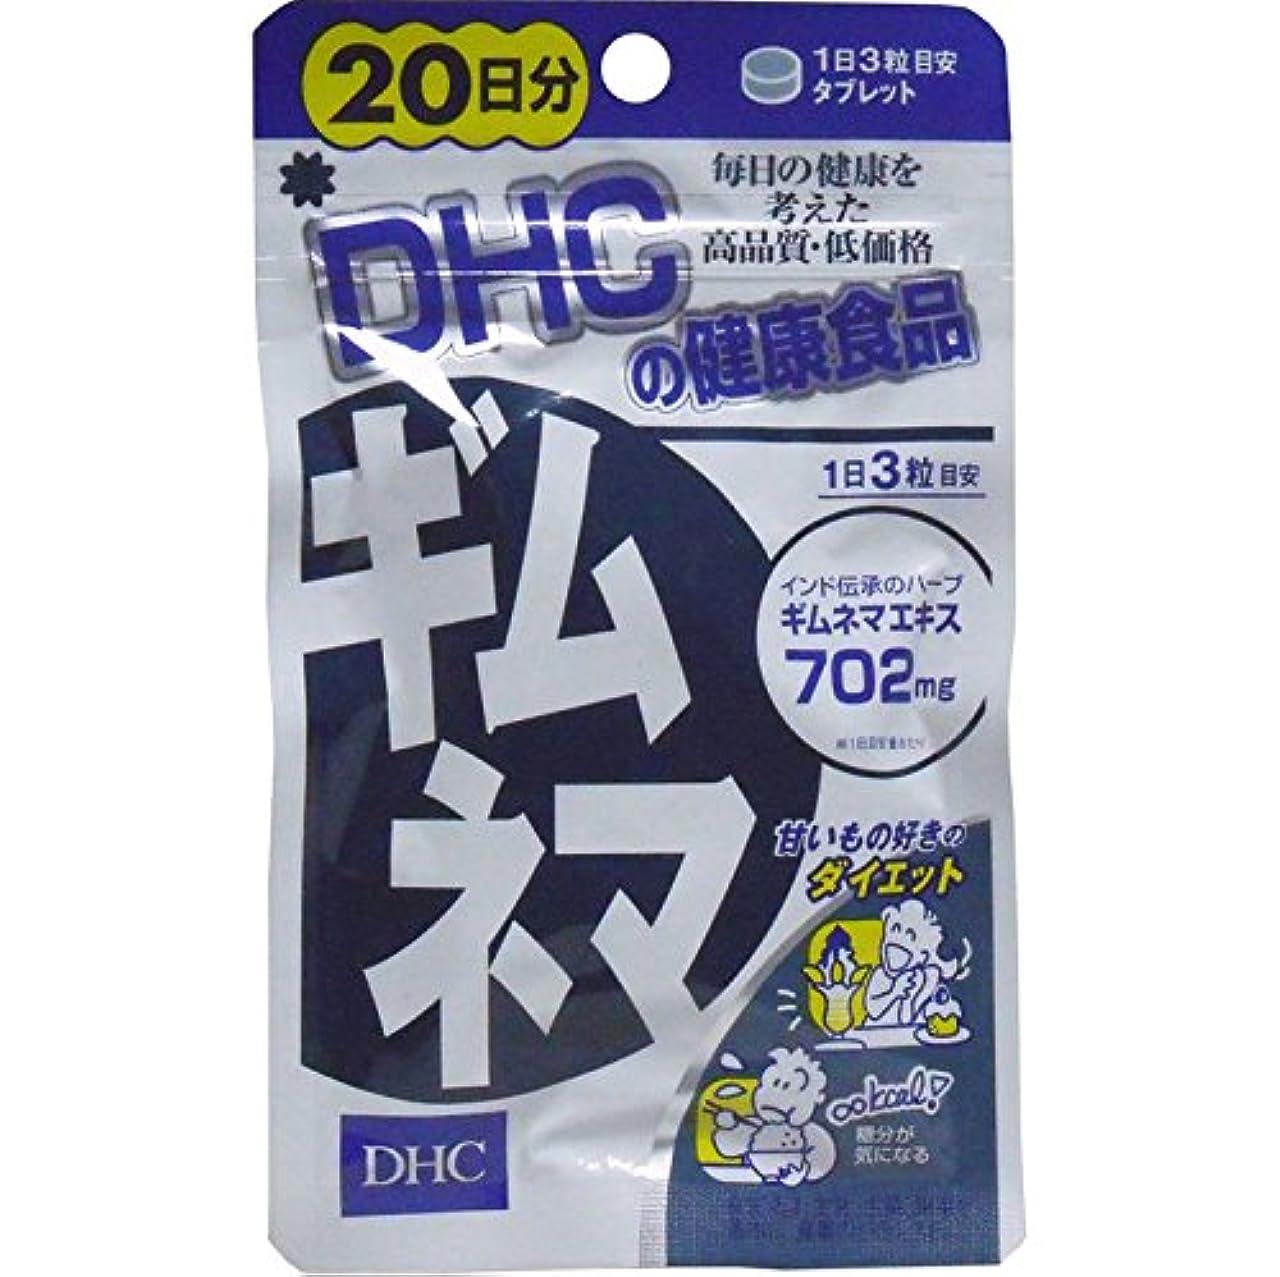 スラムトライアスリート髄ダイエット 美容 健康 余分な糖分をブロック 便利 DHC ギムネマ 20日分 60粒【3個セット】